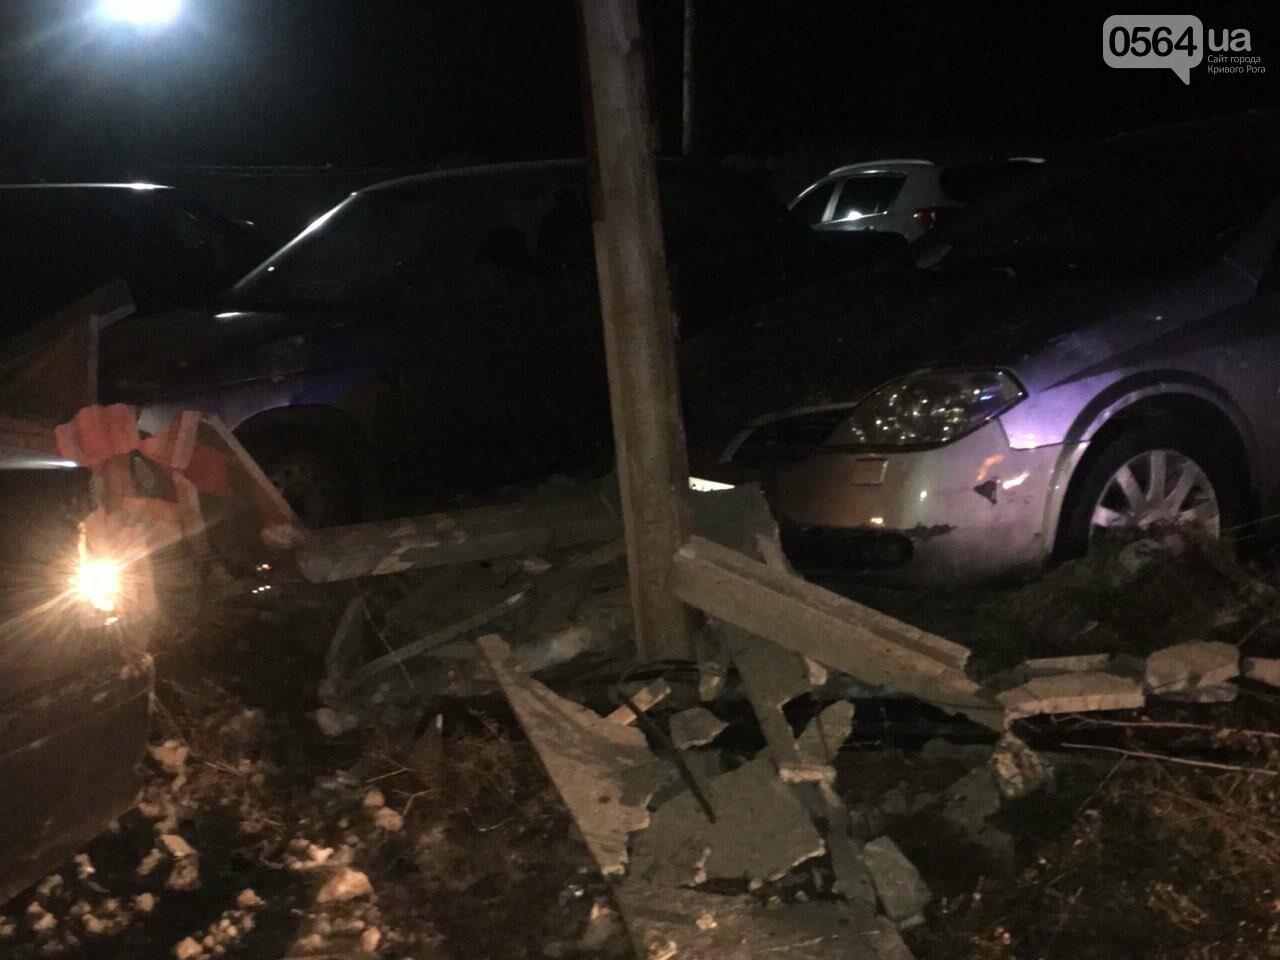 """В Кривом Роге """"BMW"""" снес забор стоянки: повреждено около 10 машин, есть пострадавший, - ФОТО , фото-25"""